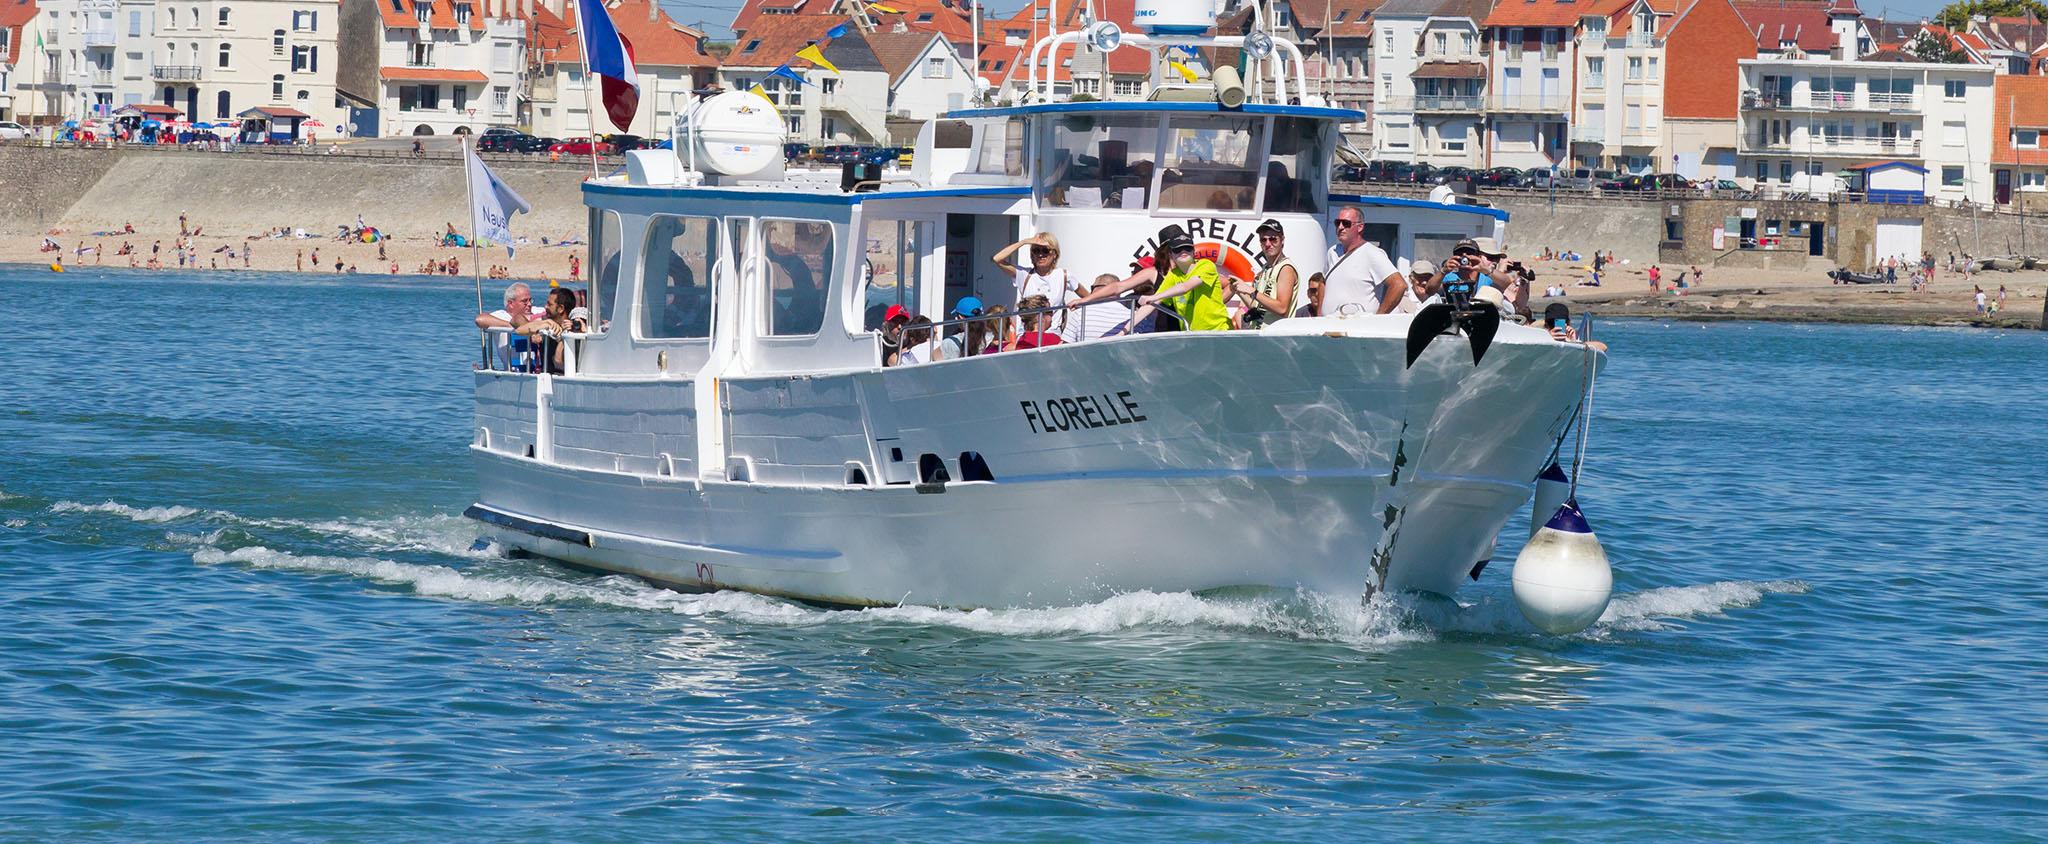 promenade bateau boulogne sur mer